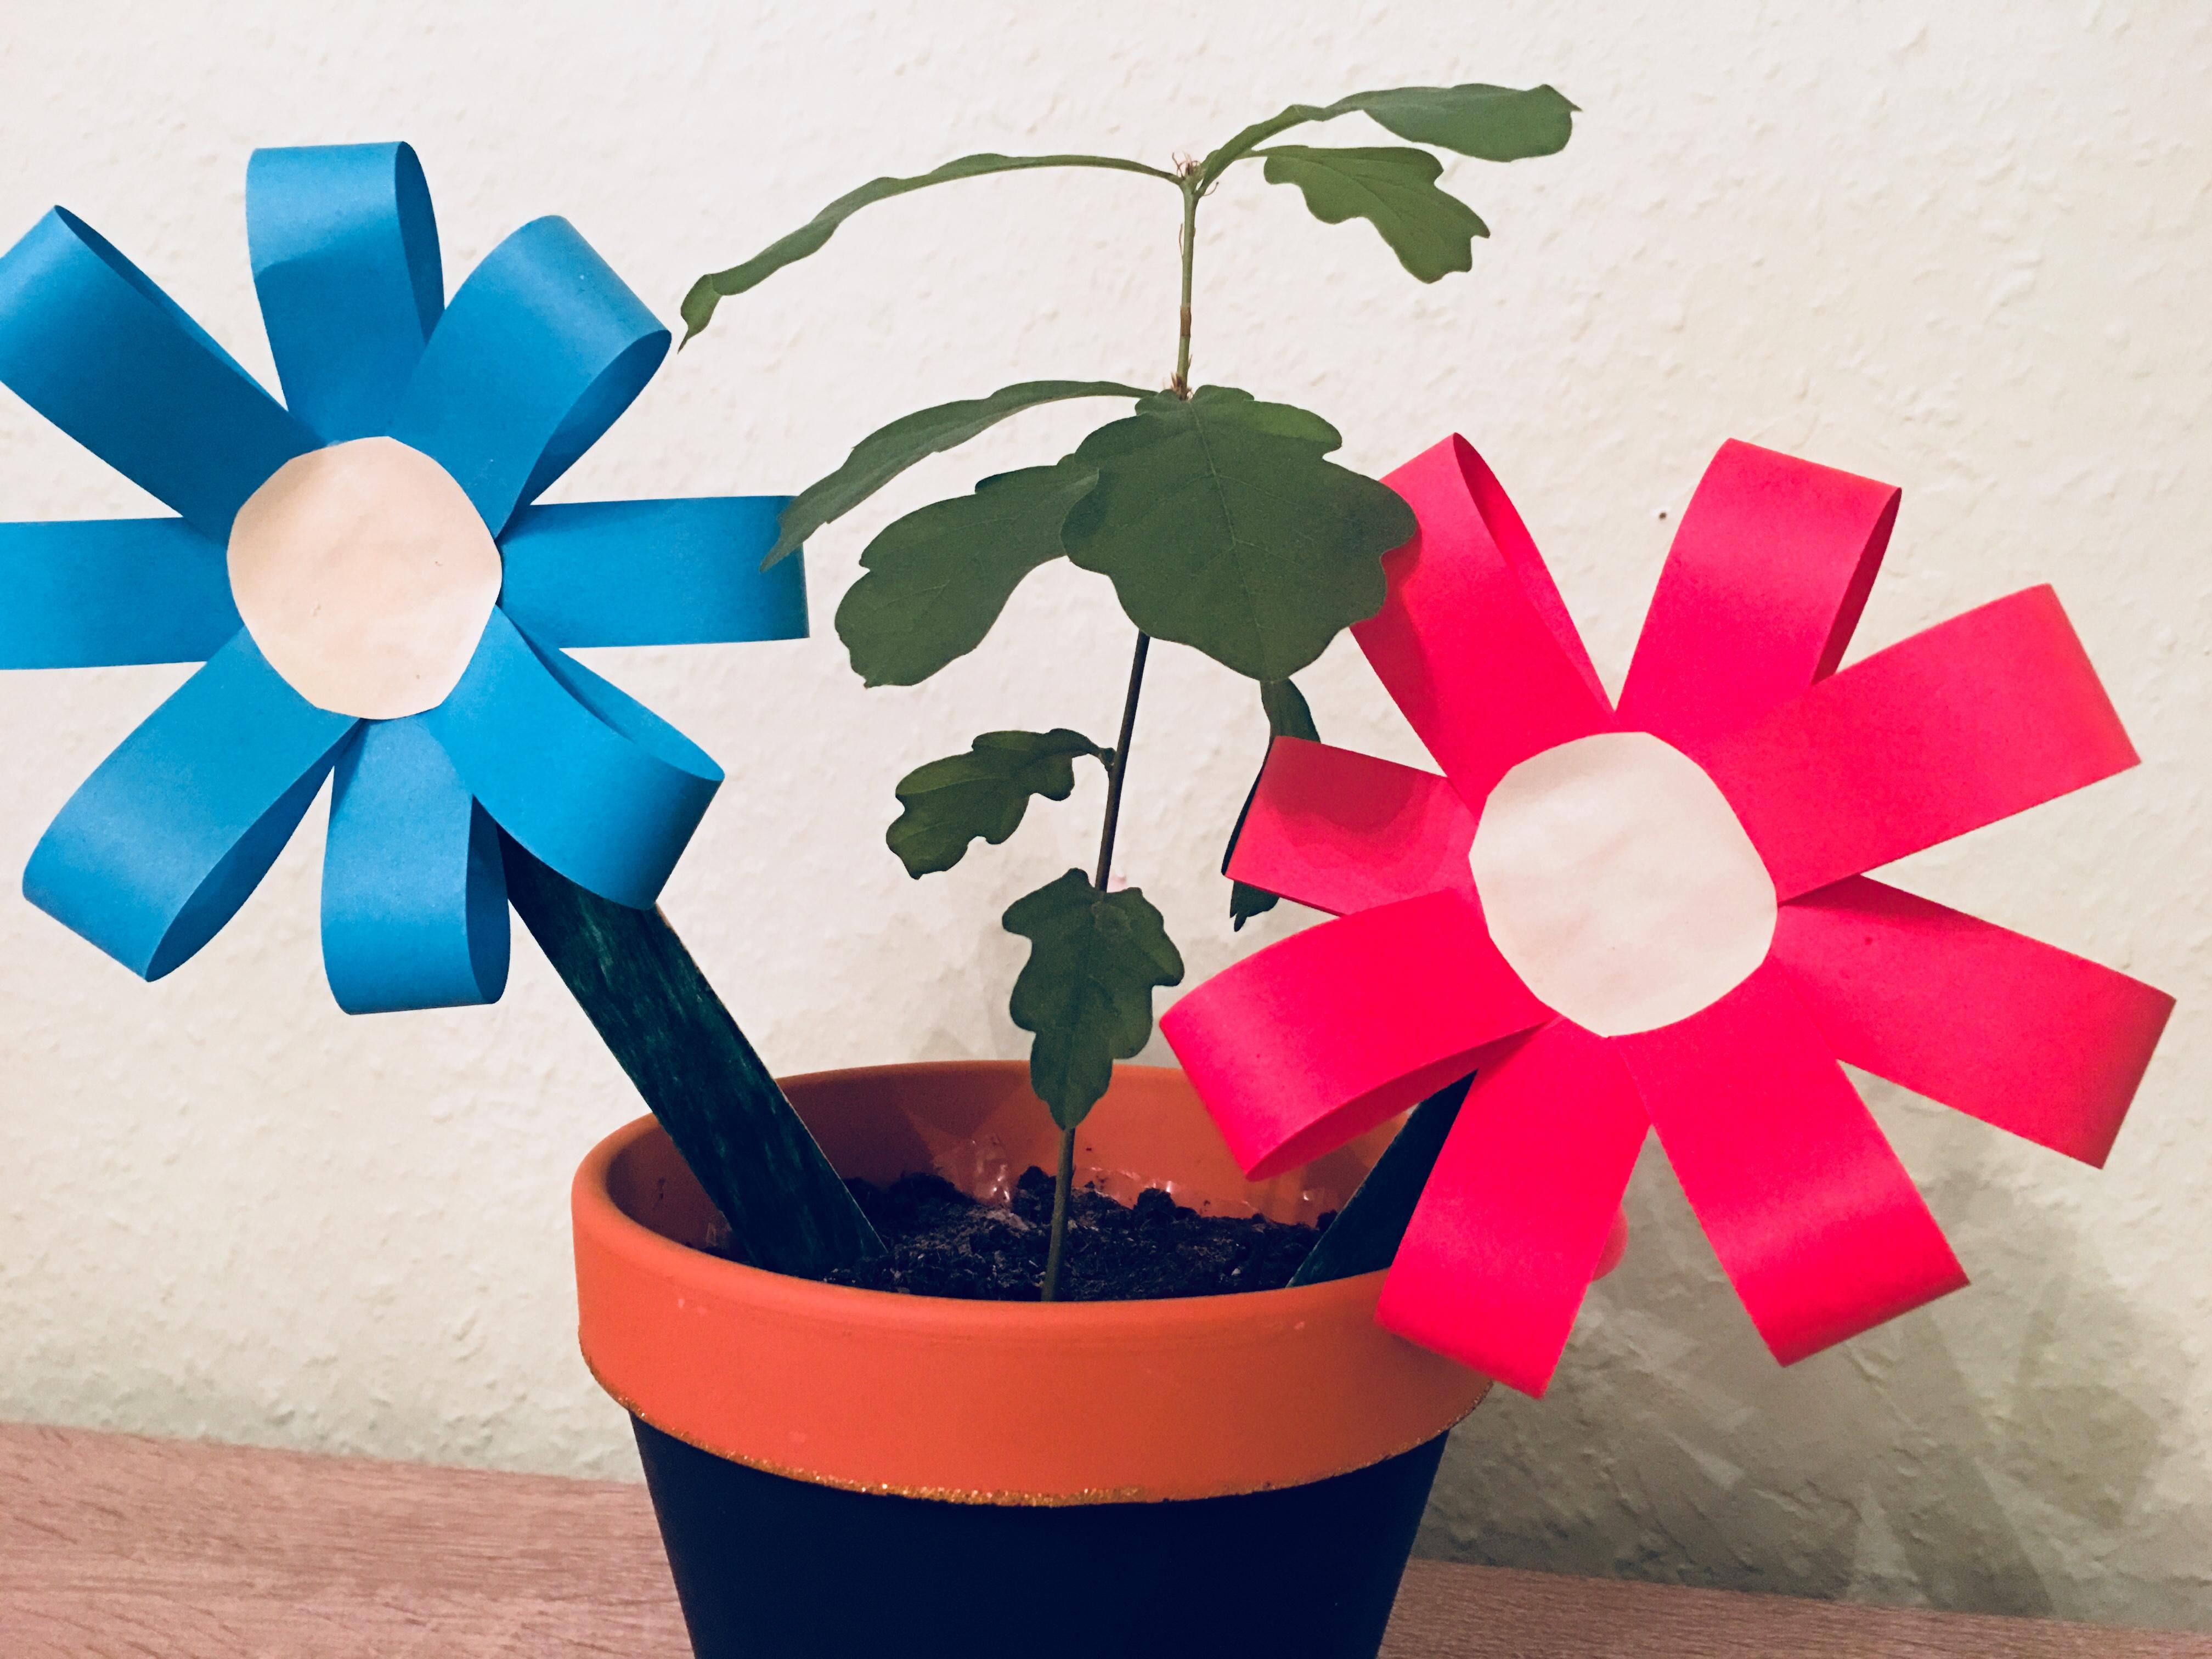 Hervorragend Kleine einfache Blumen - Basteln mit Kindern | Der Familienblog DX33